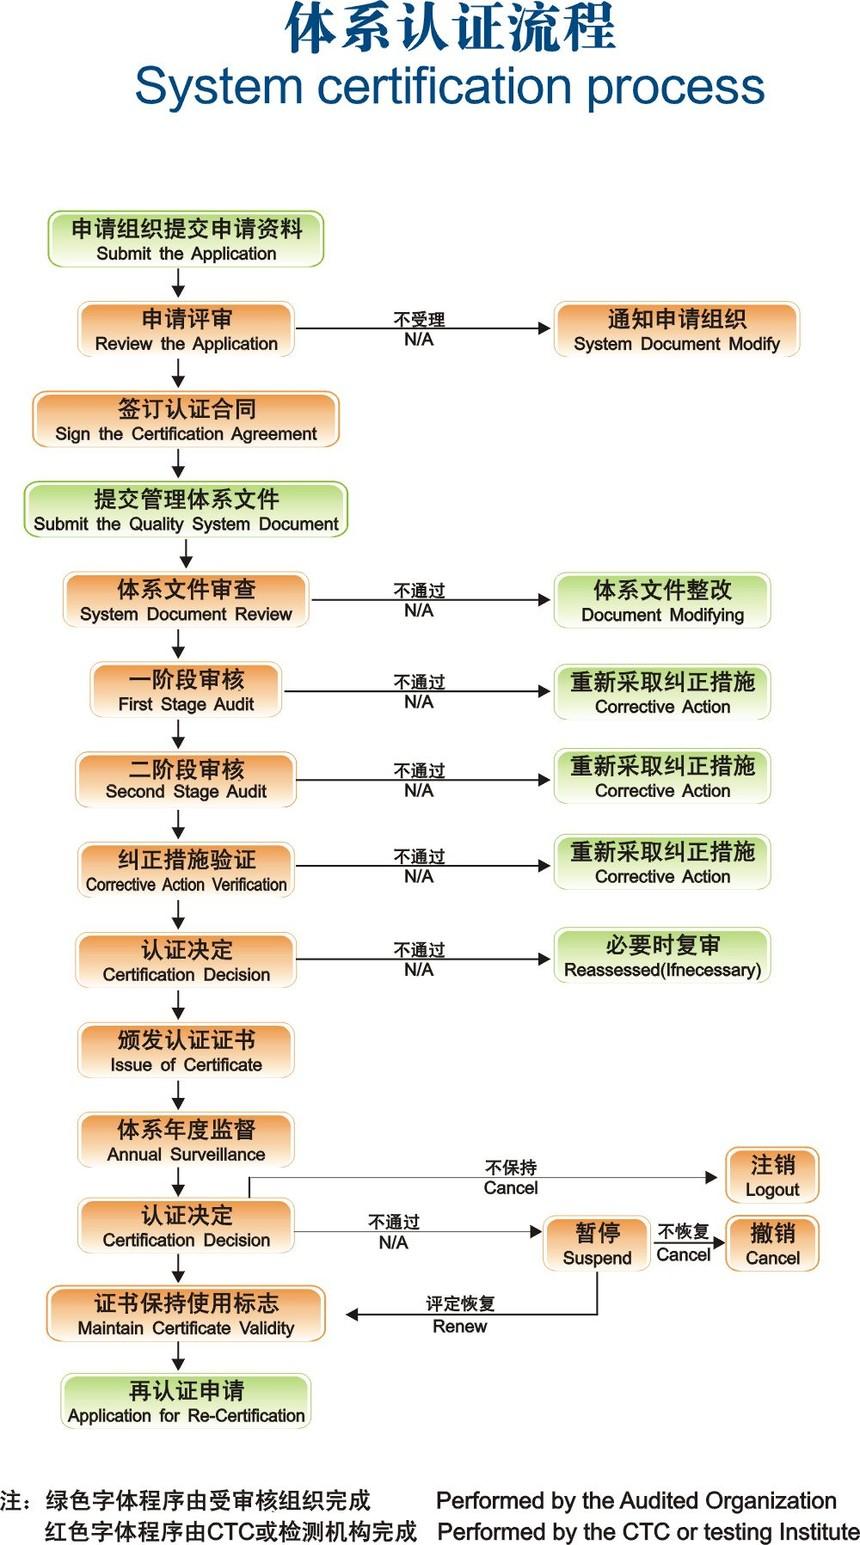 体系认证流程.jpg